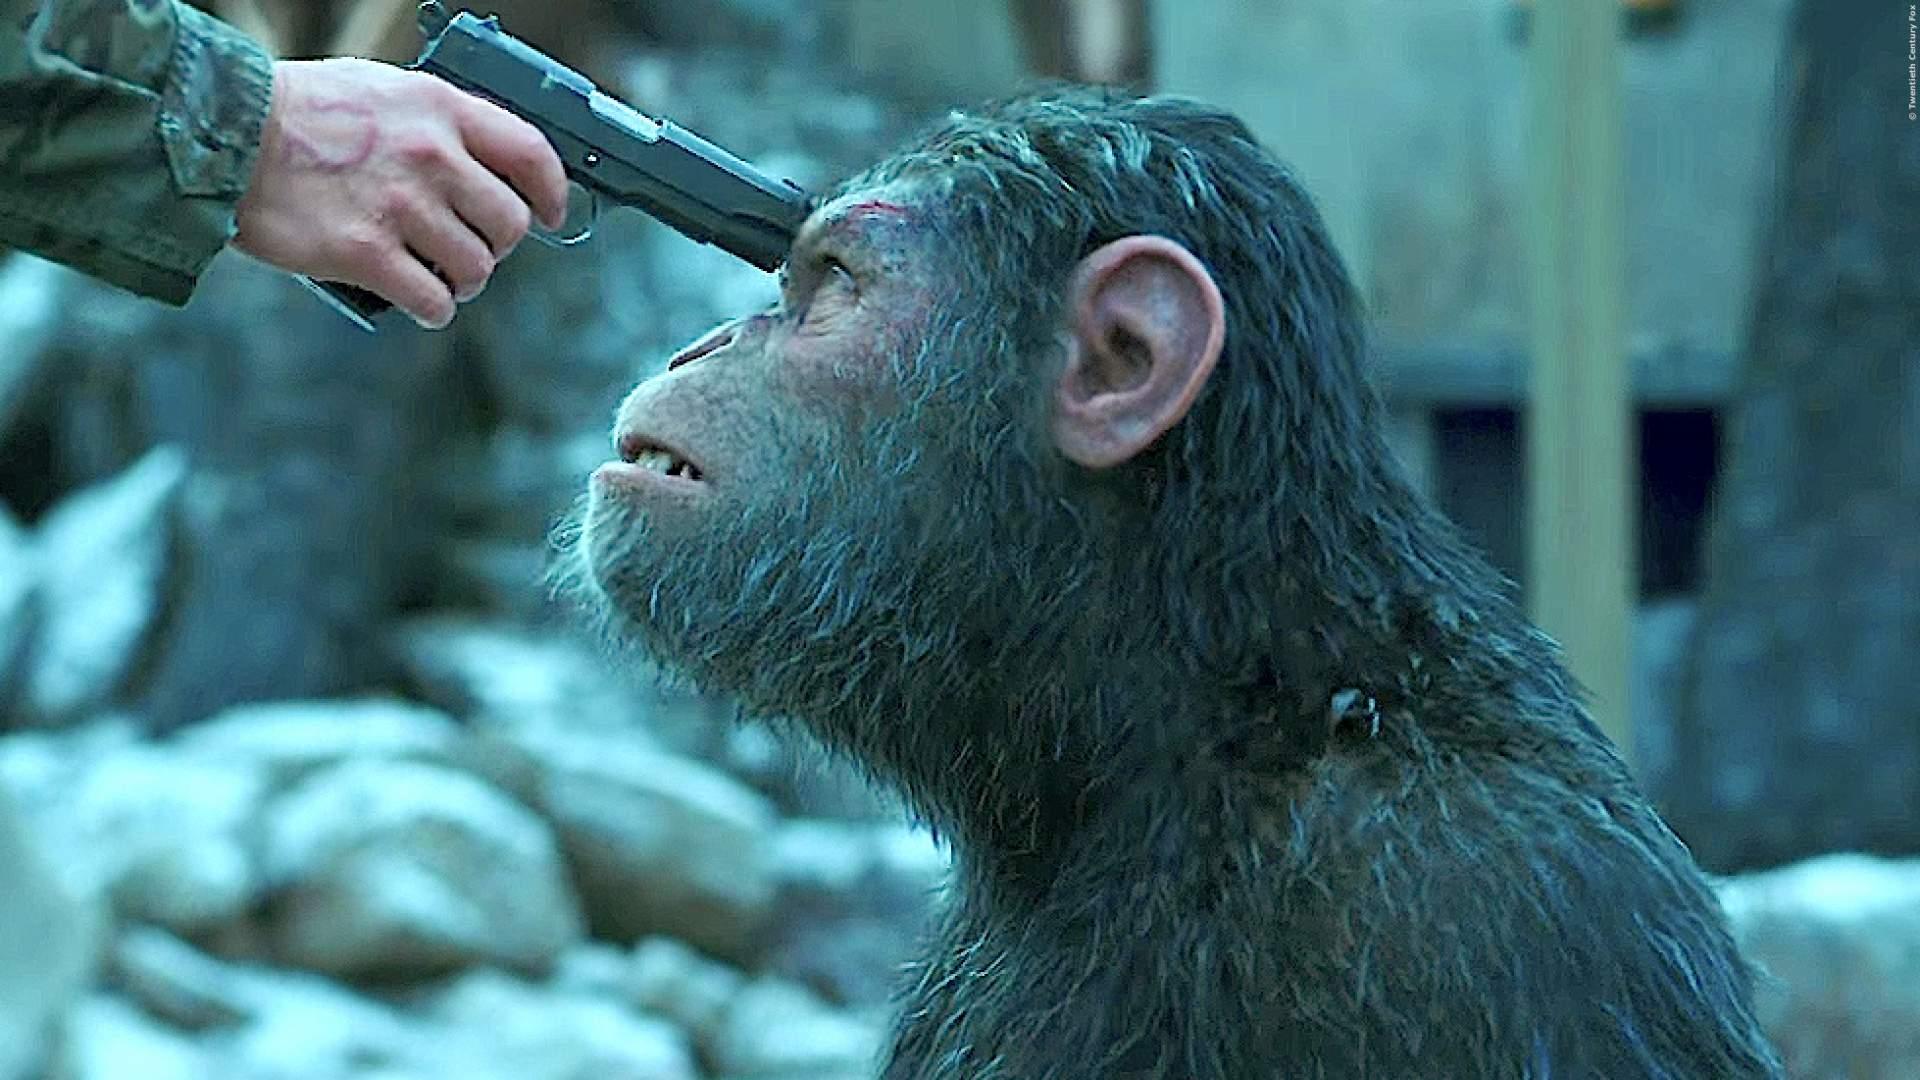 FORTSETZUNG? Kommt 'Planet der Affen 4'? Das planen die Macher